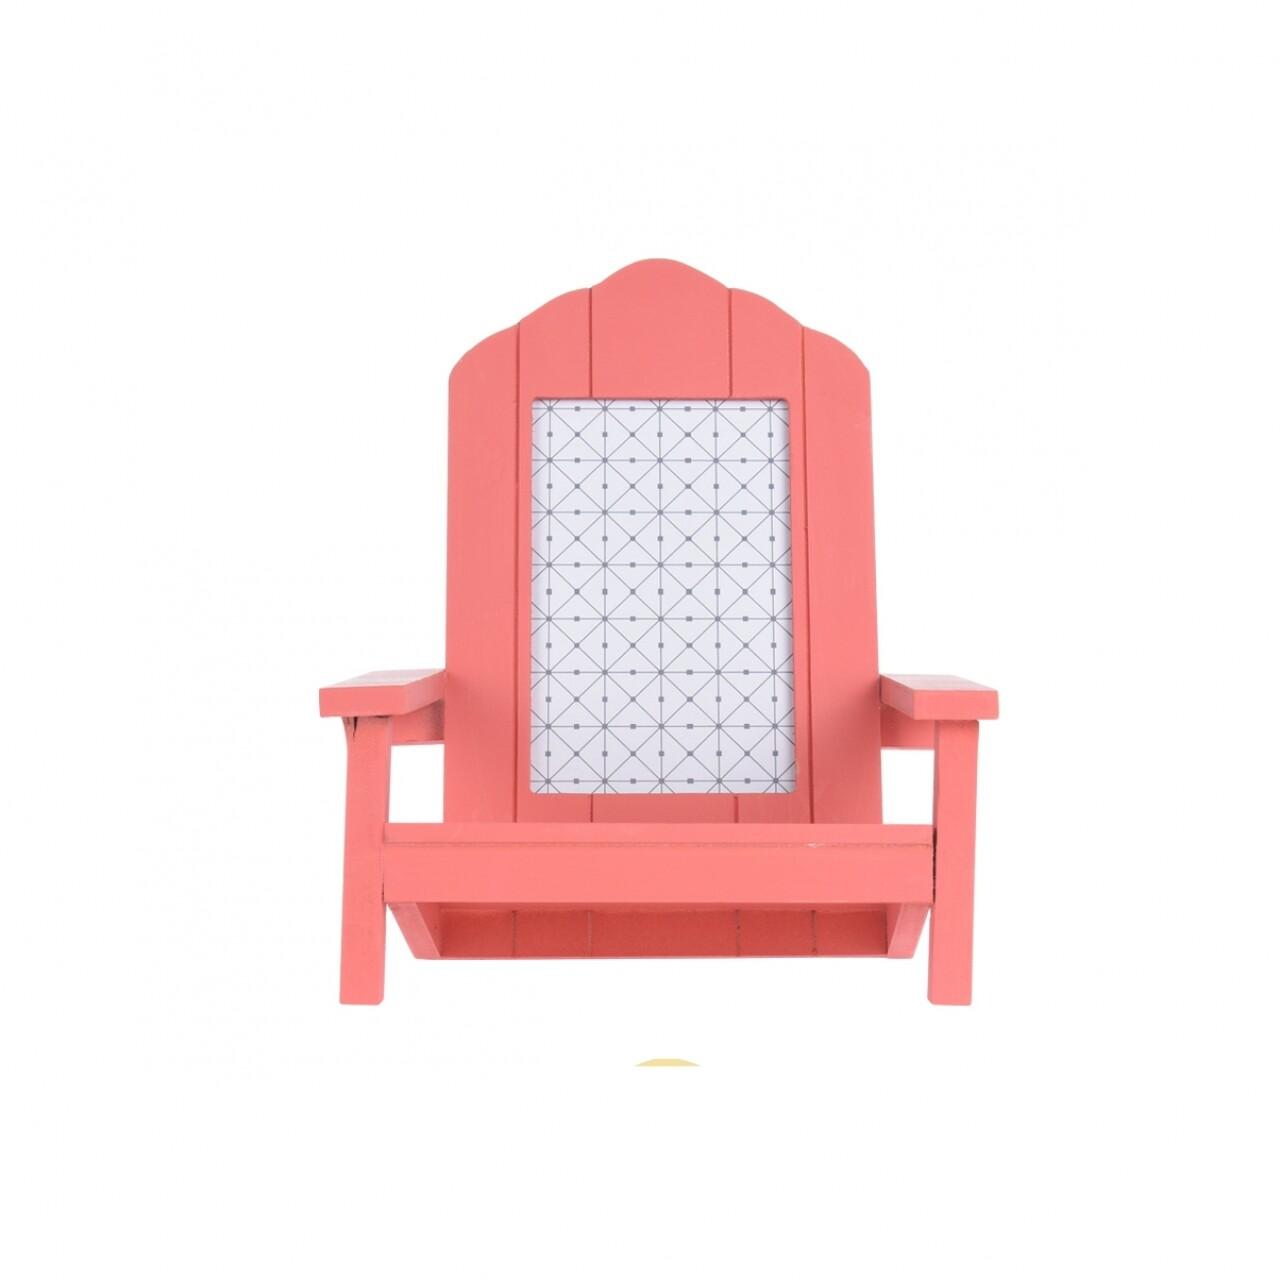 Ramă foto Beach Chair, 20 x 19 x 23 cm, MDF, corai